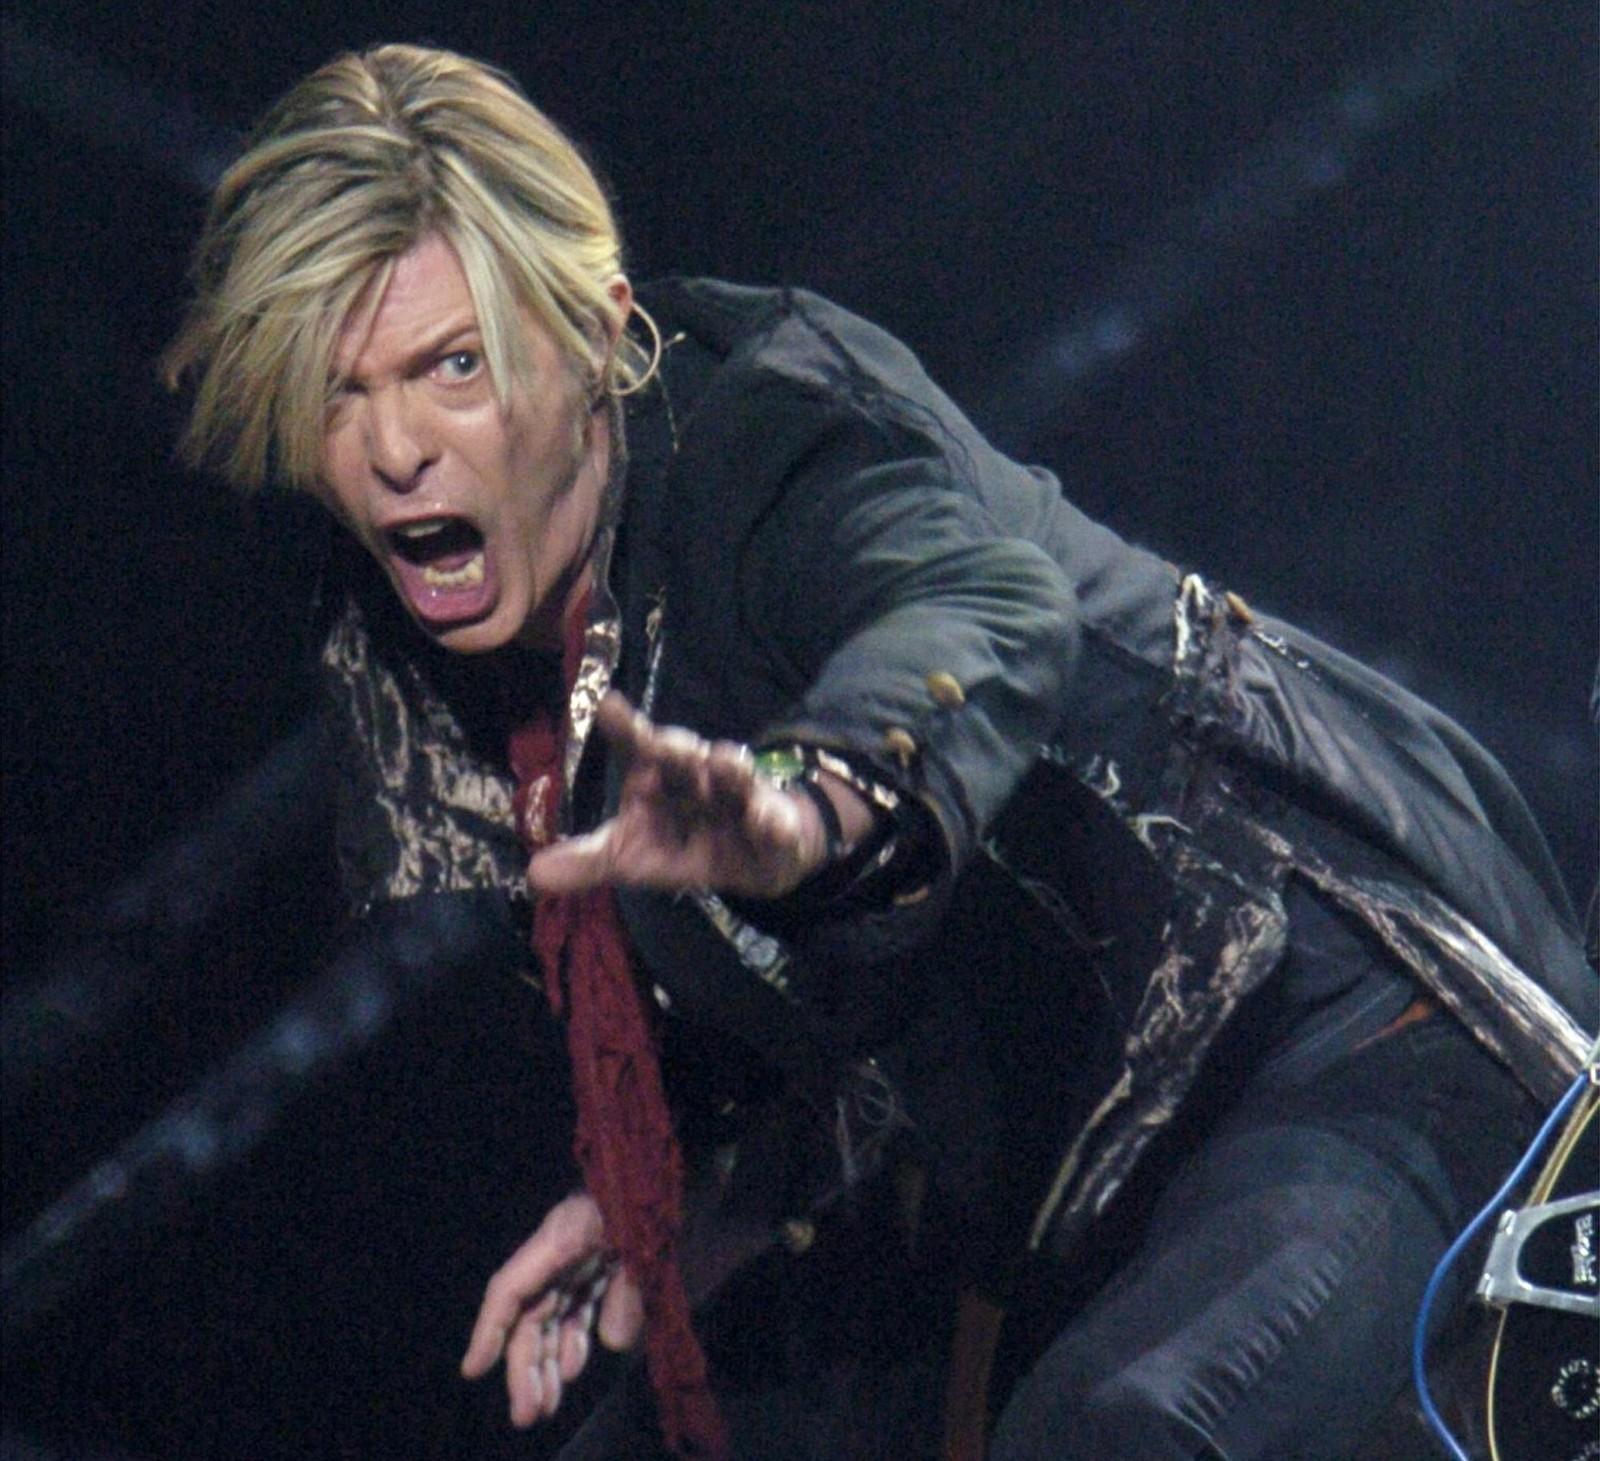 David Bowie opptrer på Bell Center i Montreal i desember 2003.